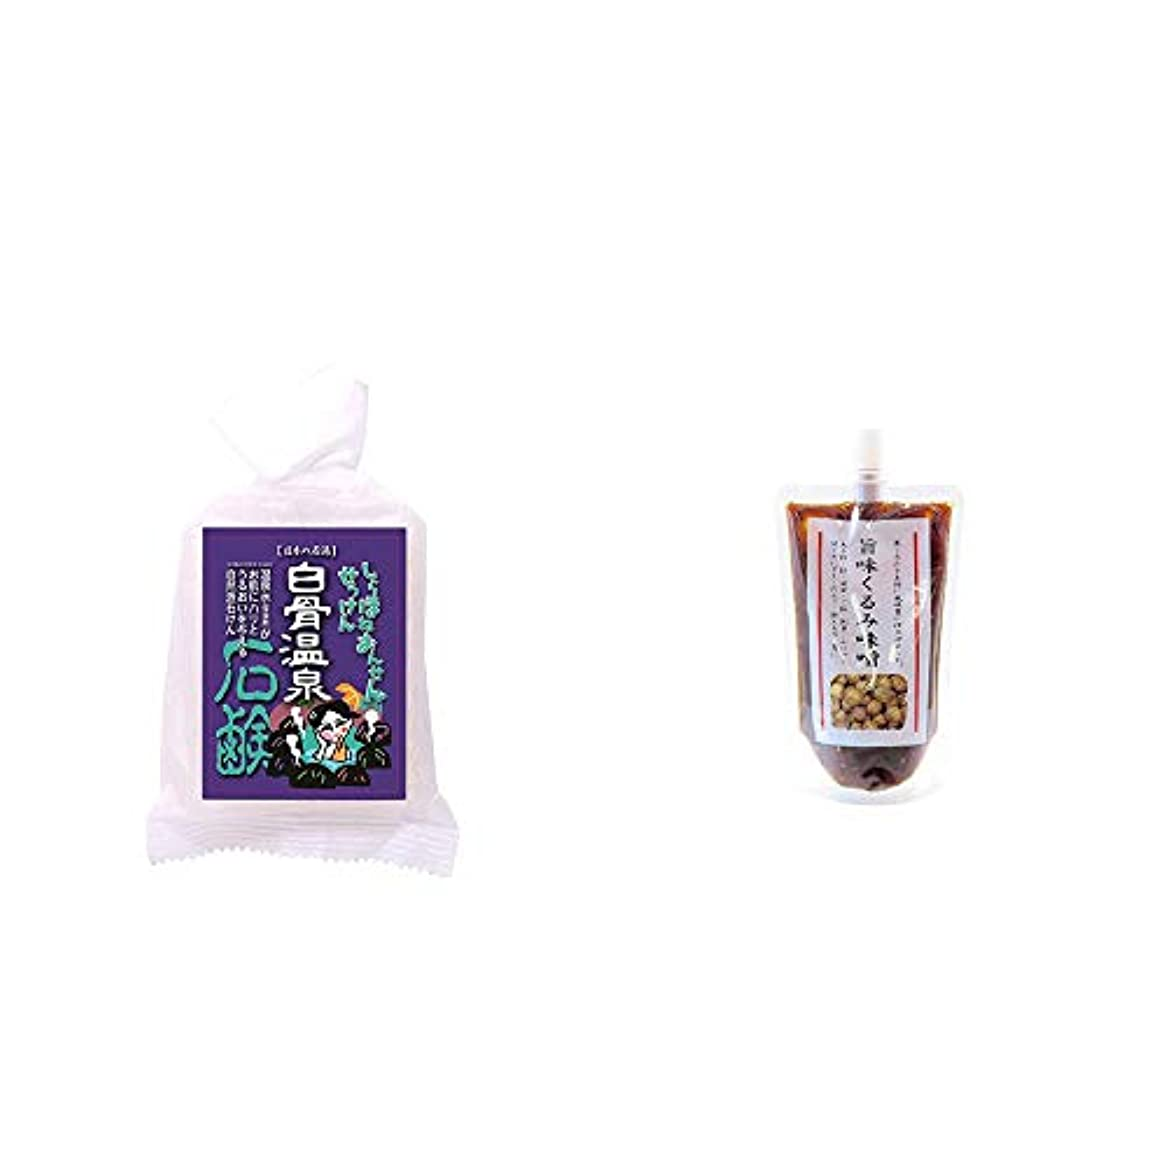 泣く冷笑する発掘[2点セット] 信州 白骨温泉石鹸(80g)?旨味くるみ味噌(260g)